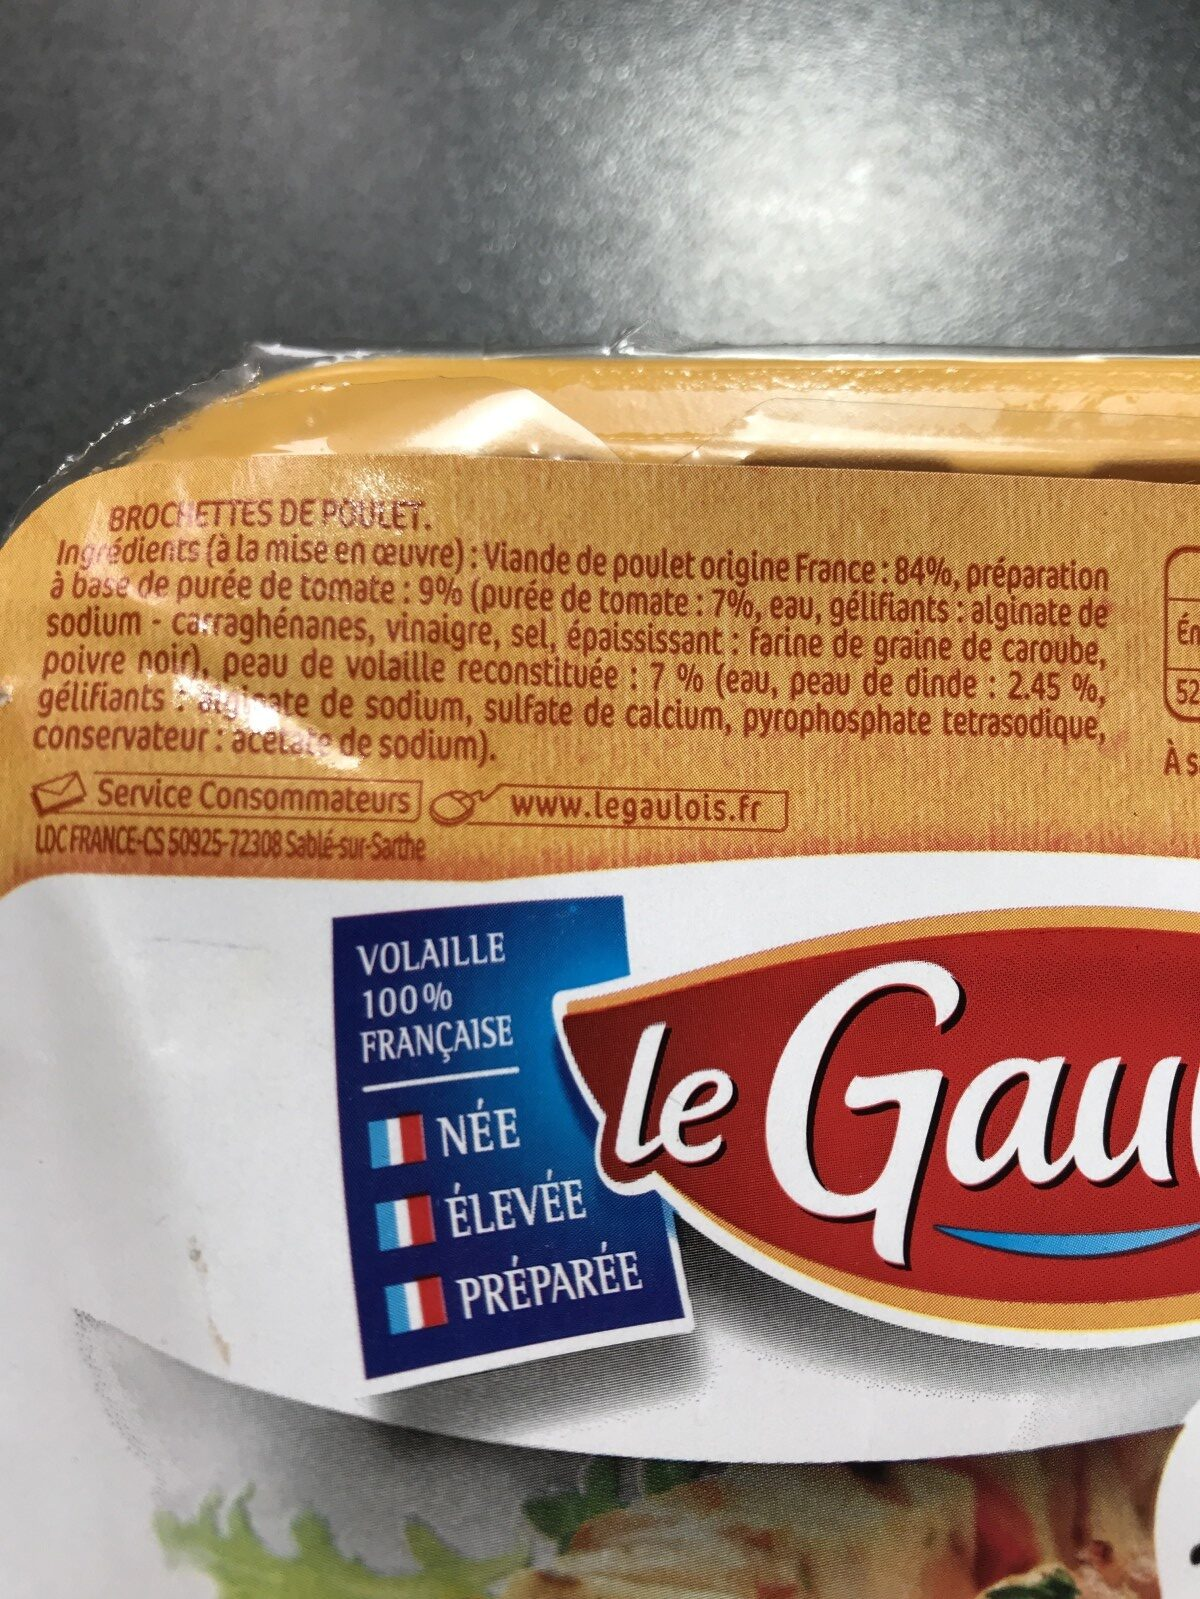 brochettes de poulet x 4 s/at - Ingrédients - fr